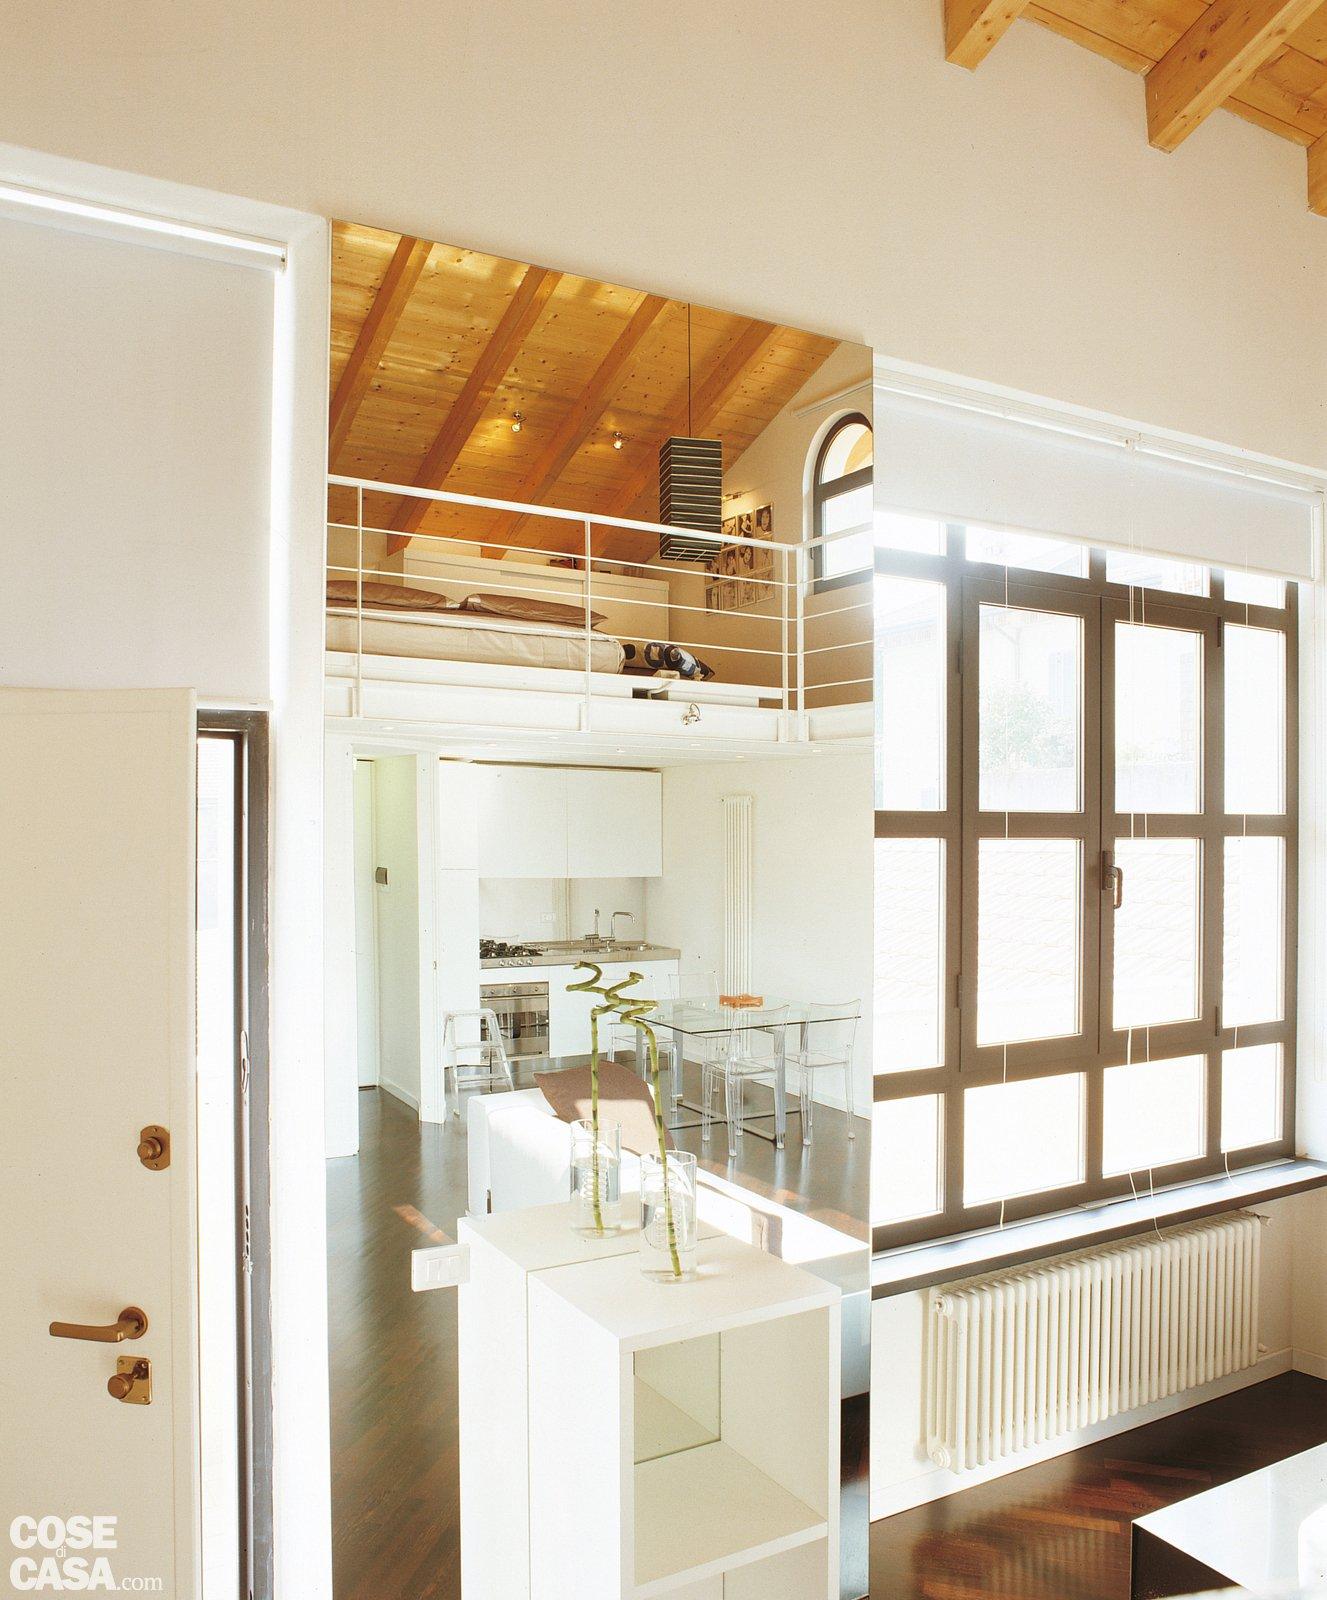 Cucina in muratura per esterno bricoman for Piccoli layout di cucina per cabina